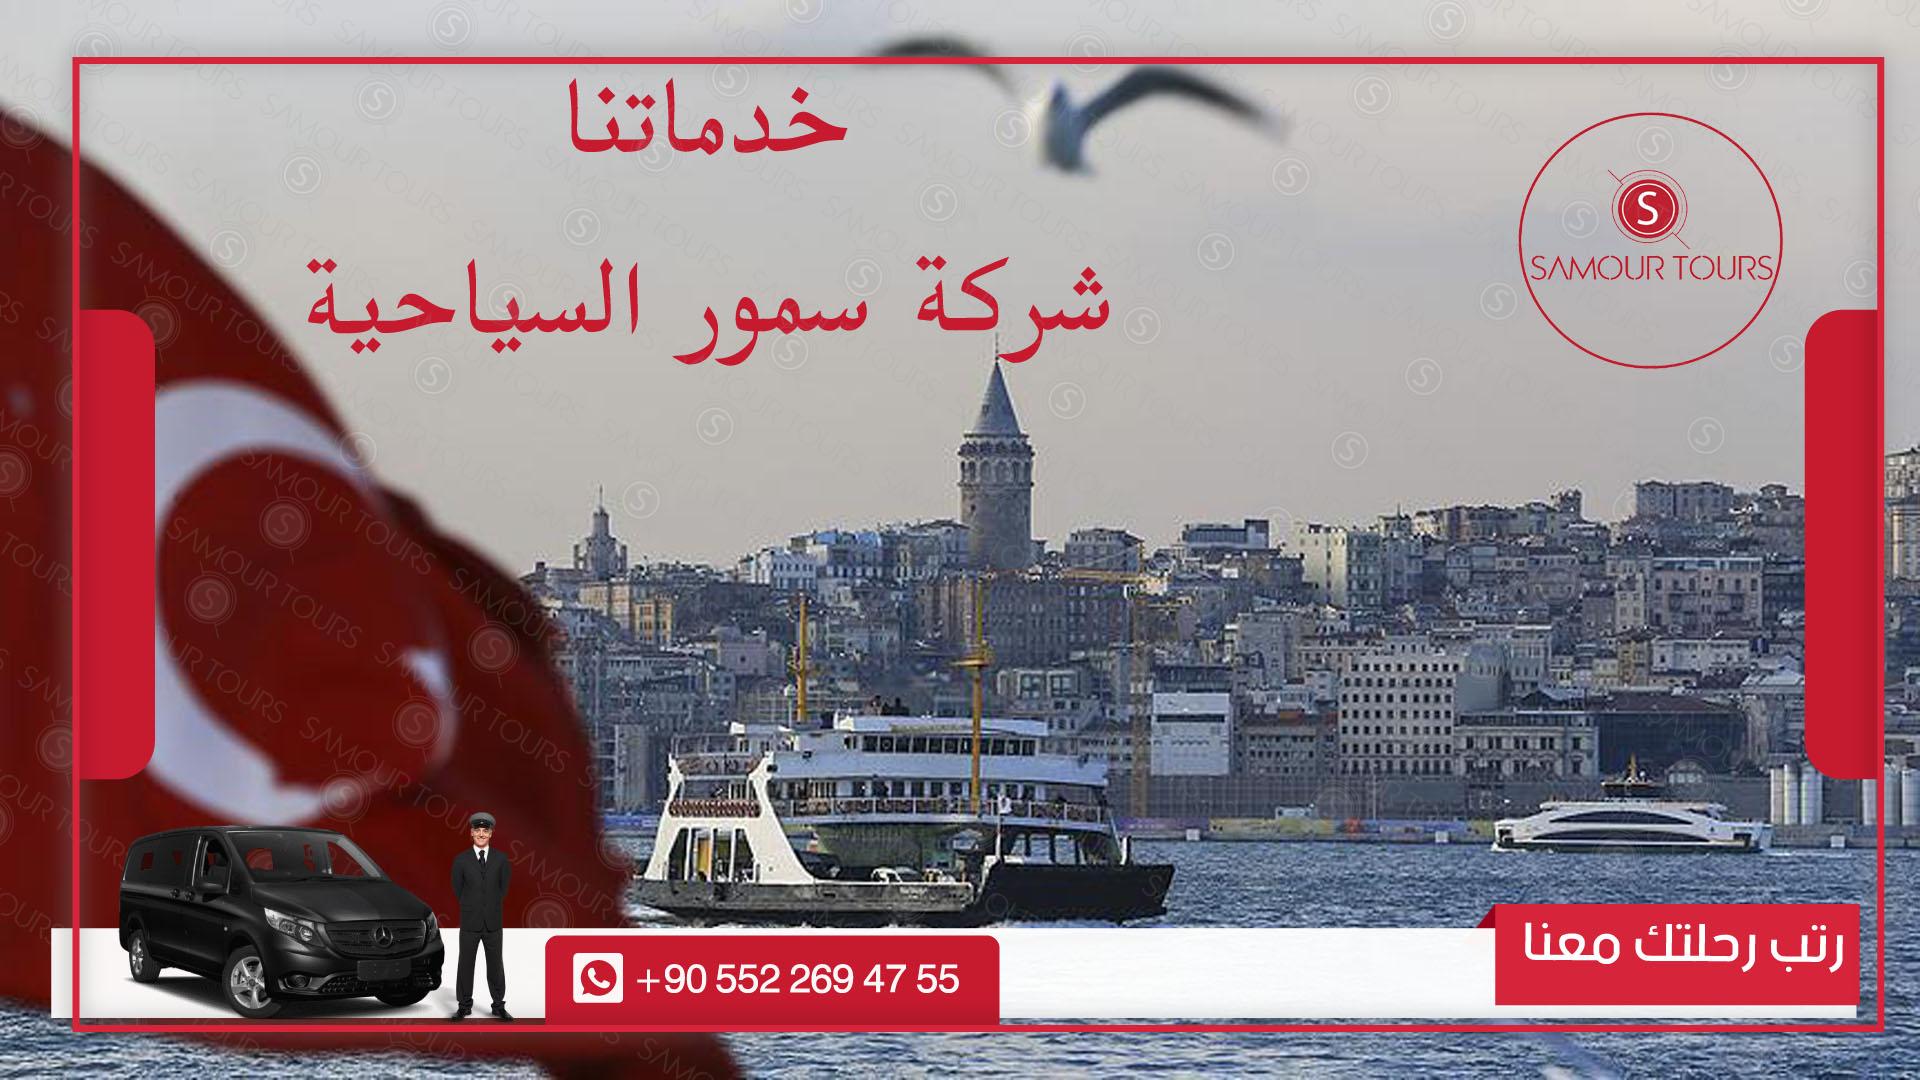 خدمات سياحية في تركيا